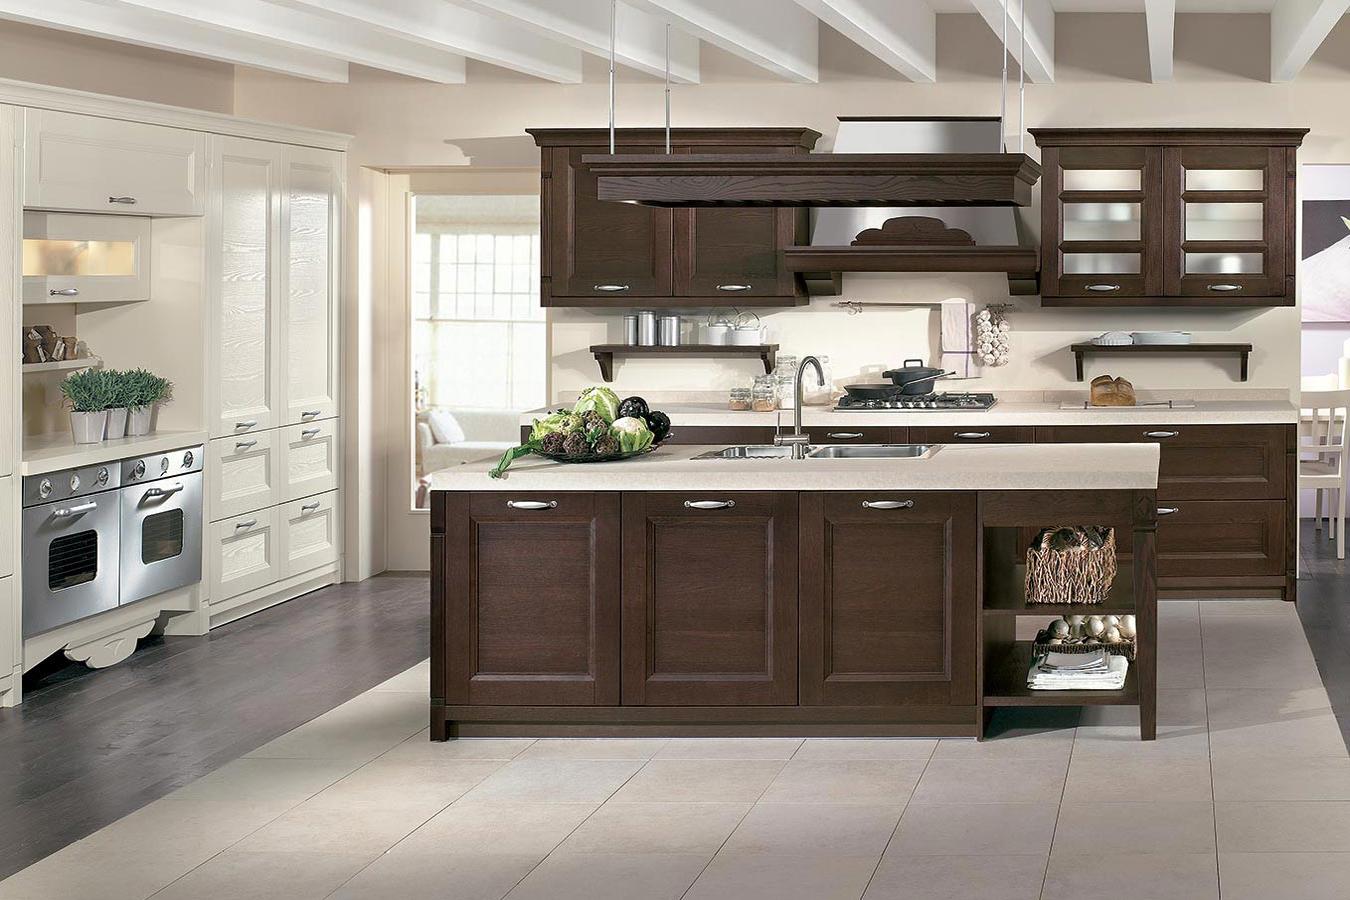 Cucina classica gioiosa di arredo3 righetti mobili novara for Cucina arreda